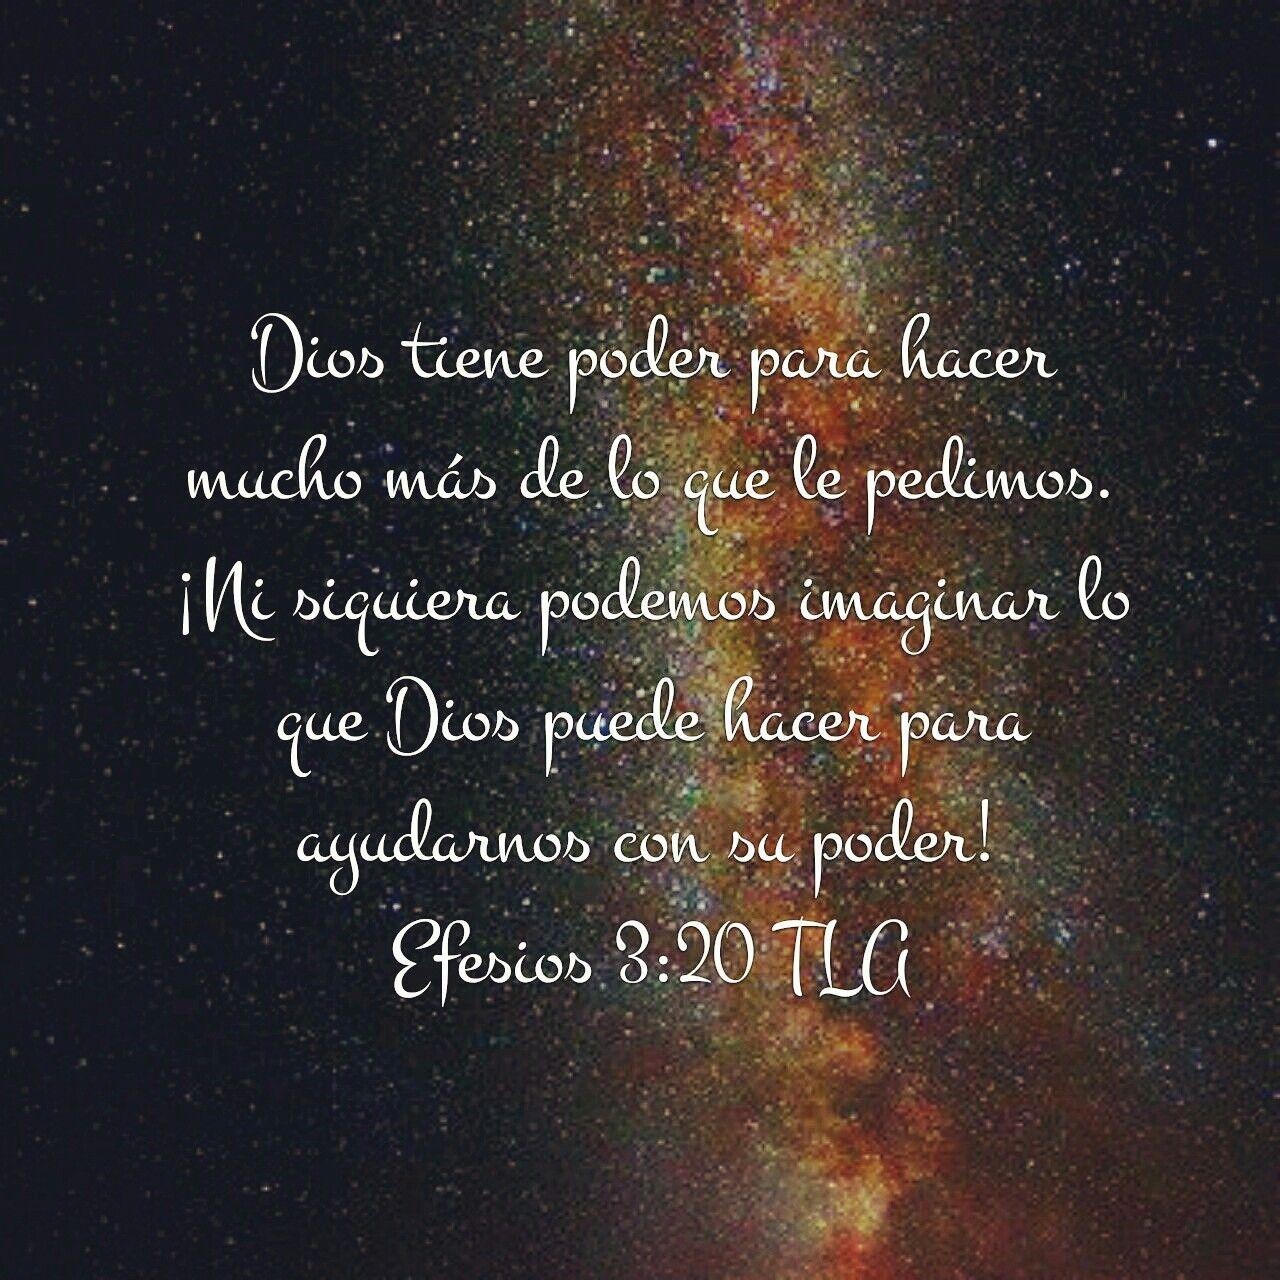 Grande es Dios